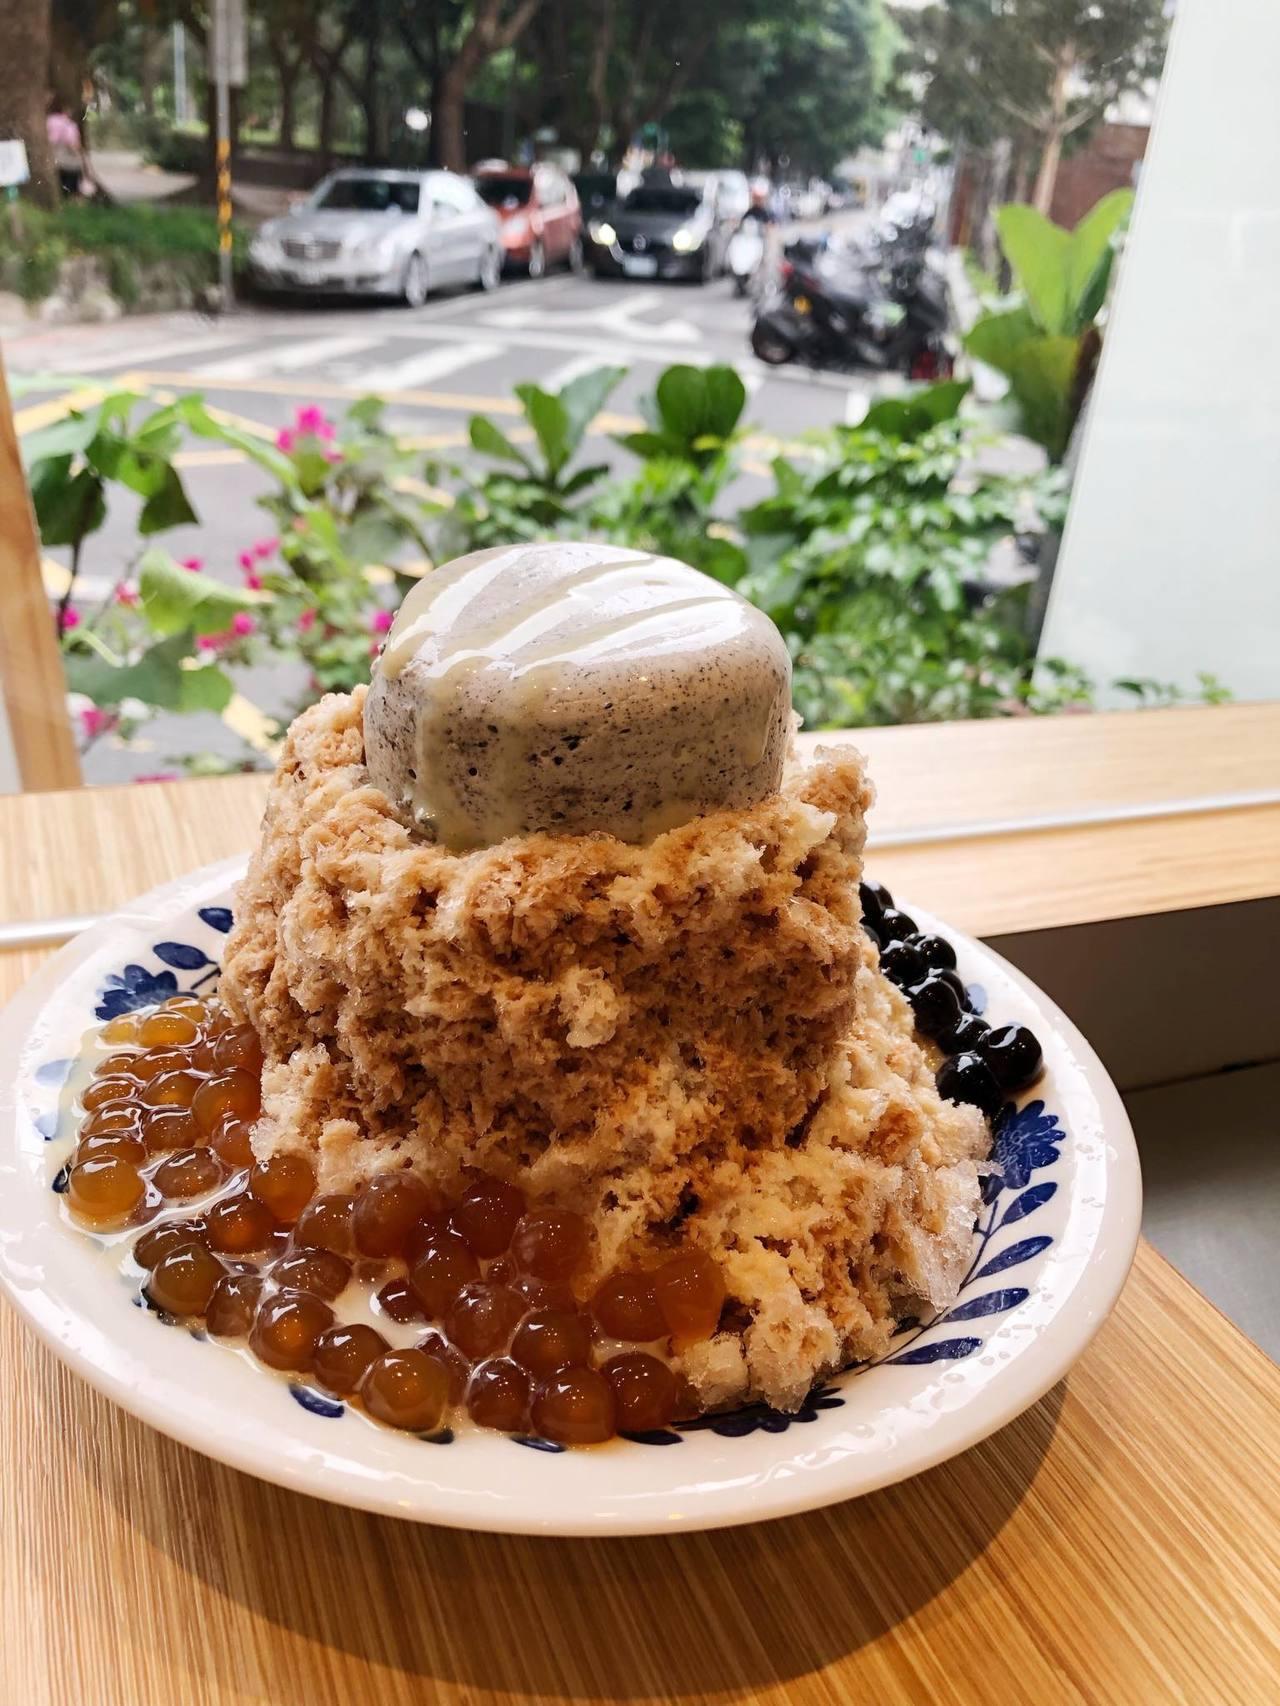 「珍珠奶茶冰」上有芝麻奶酪,是IG打卡熱門冰品。圖/春美冰菓室 提供